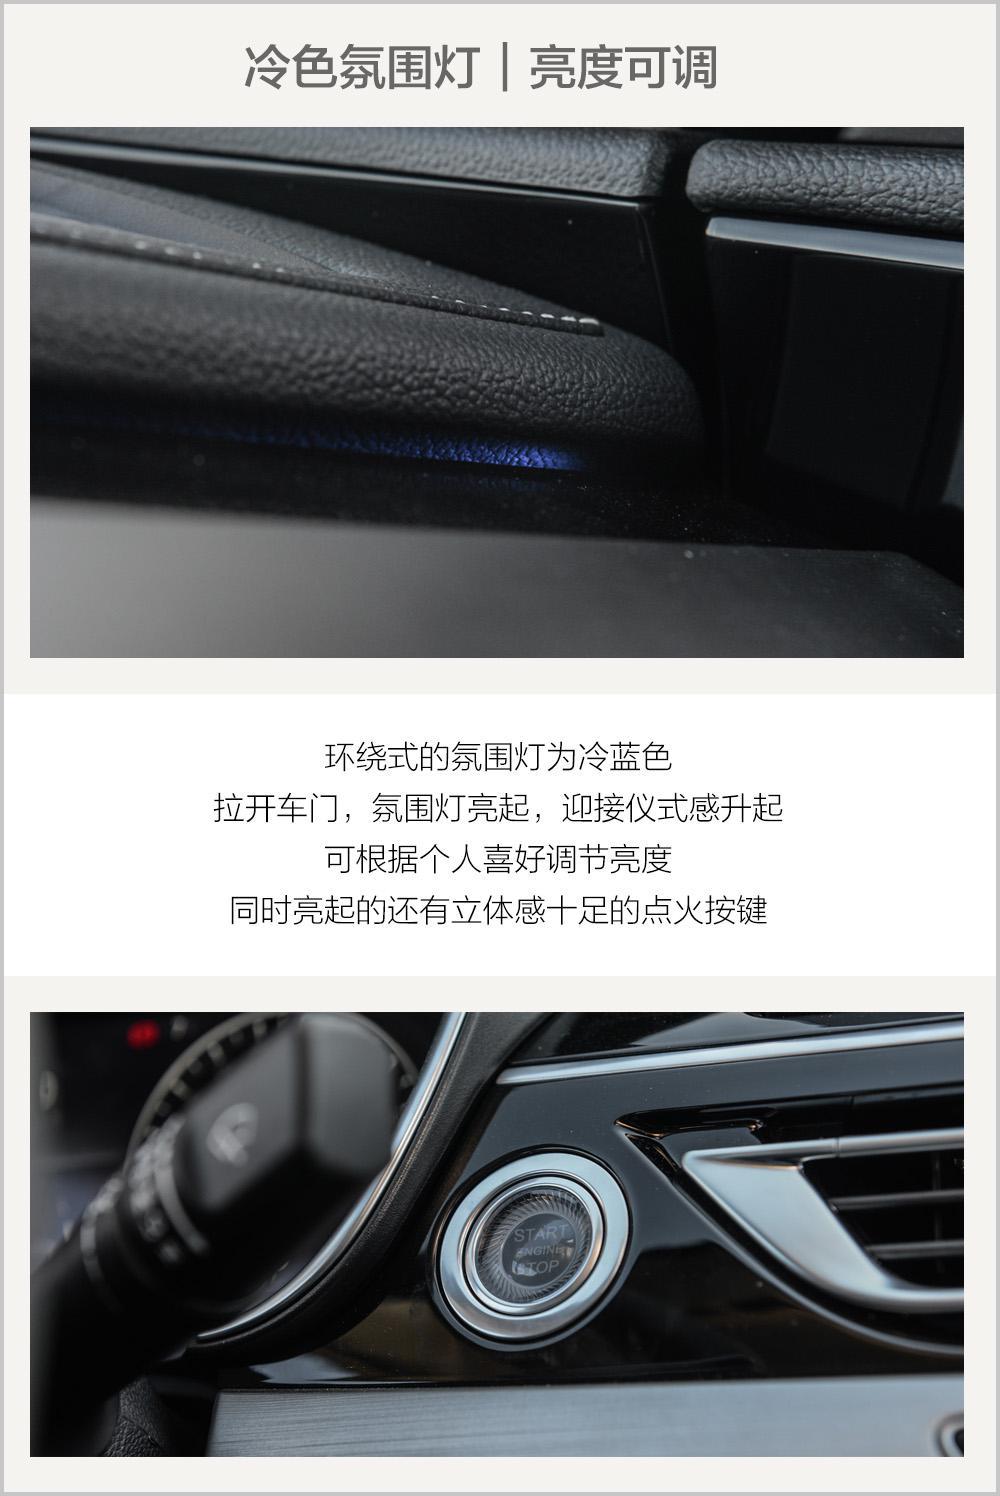 严选好车之睿骋CC 用精良选材塑造品质感